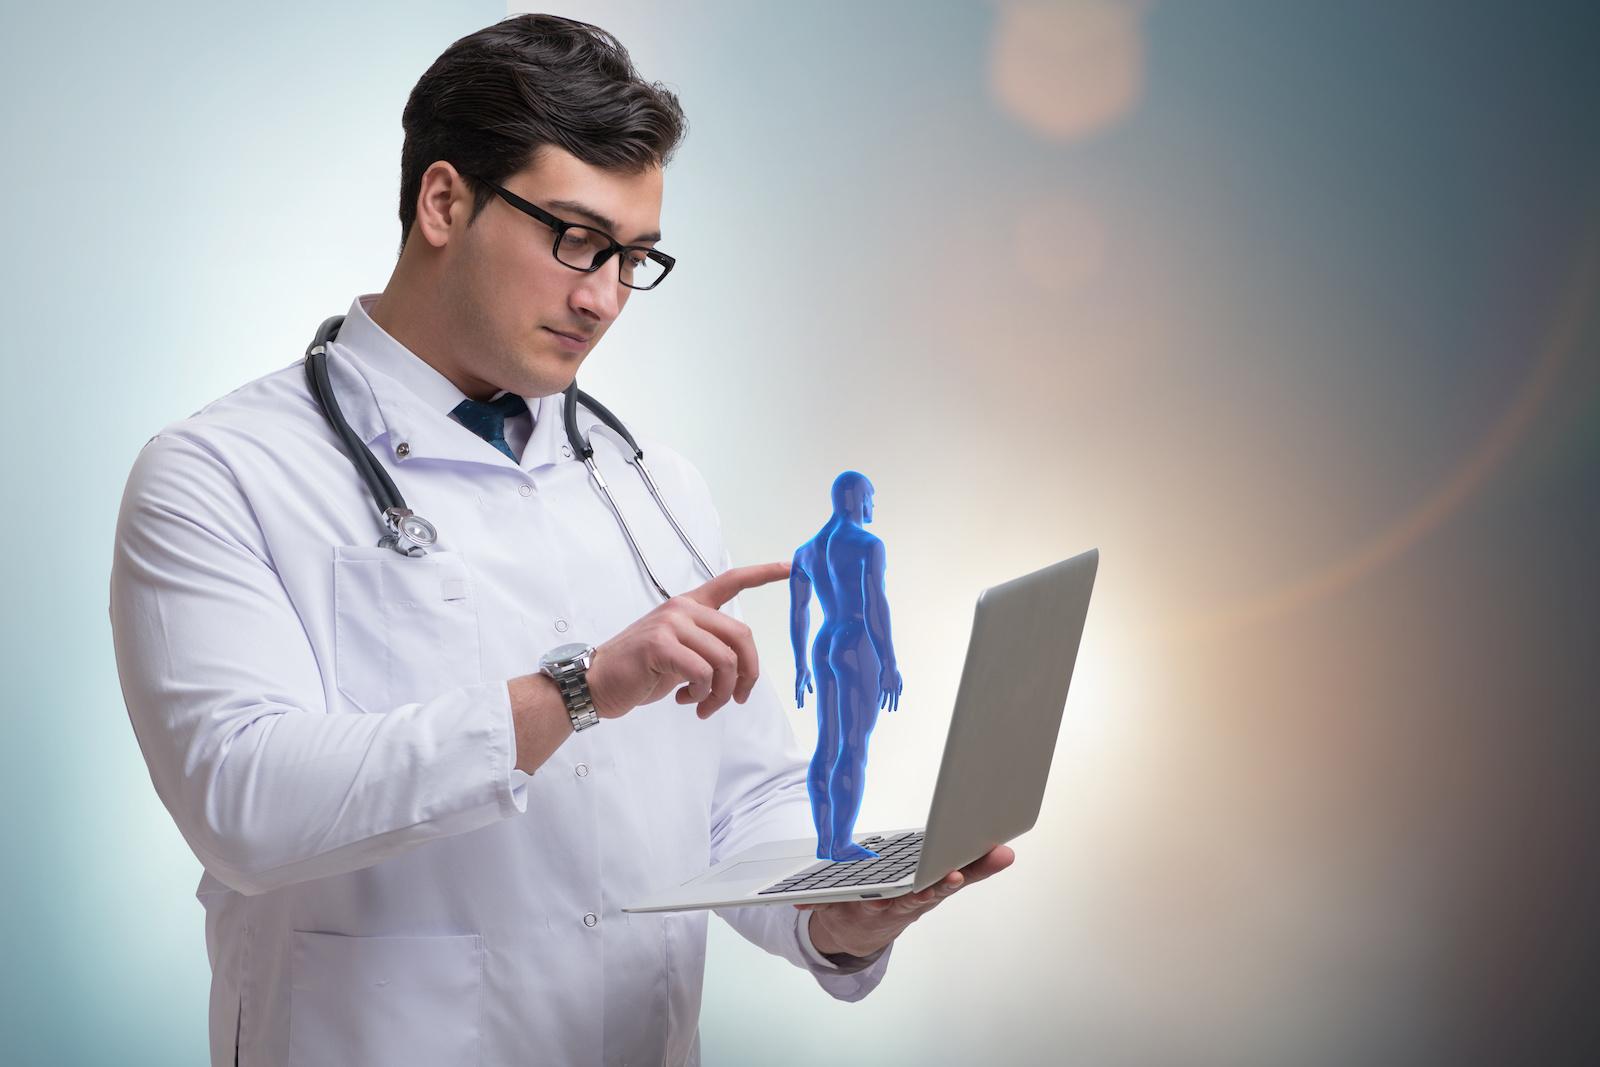 Концепции здравоохранения претерпят существенные изменения